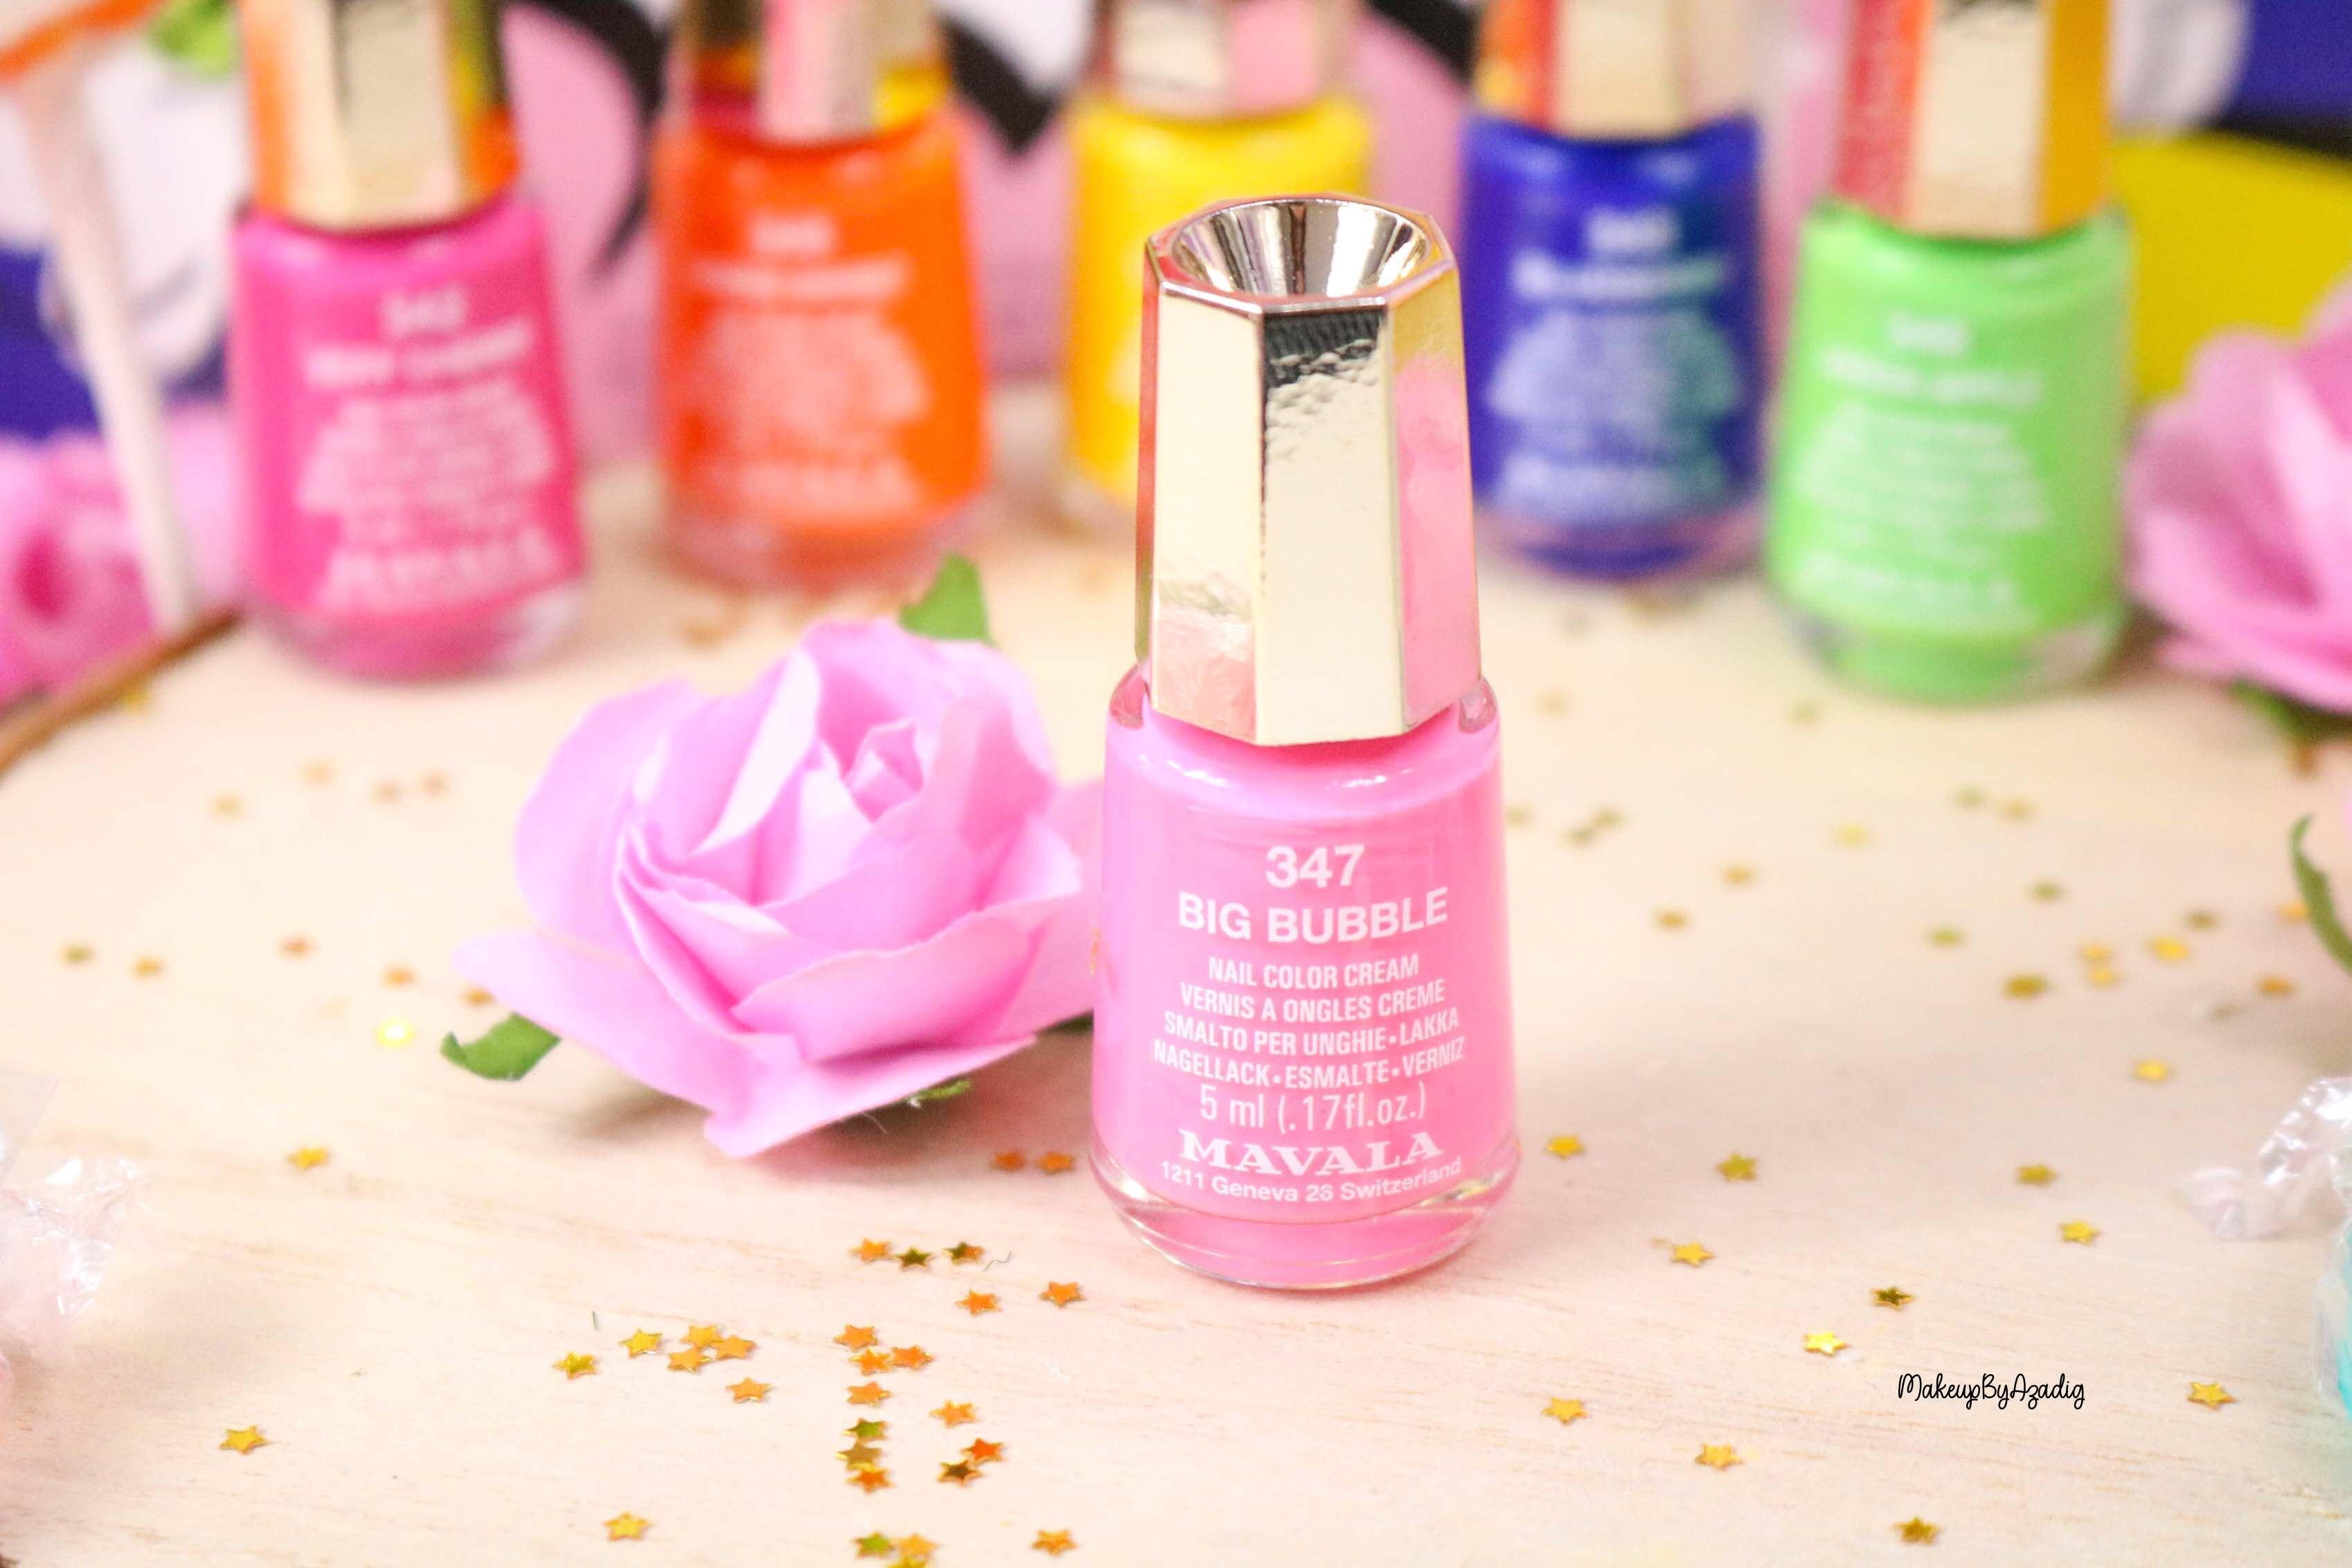 nouvelle-collection-vernis-tendance-printemps-ete-mavala-pas-cher-makeupbyazadig-avis-prix-monoprix-bubble-gum-big